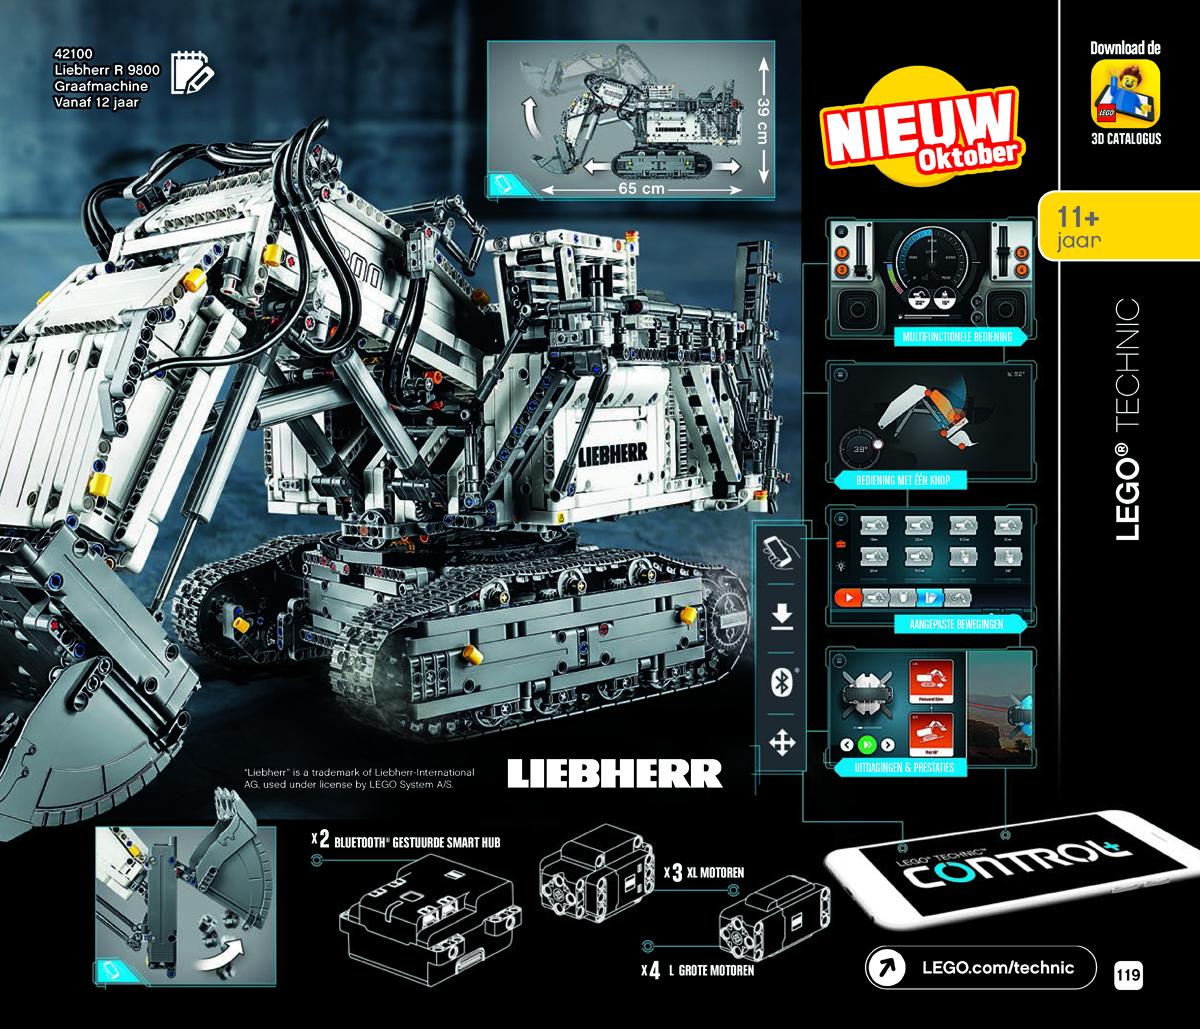 New 2019 LEGO Technic Sets Revealed